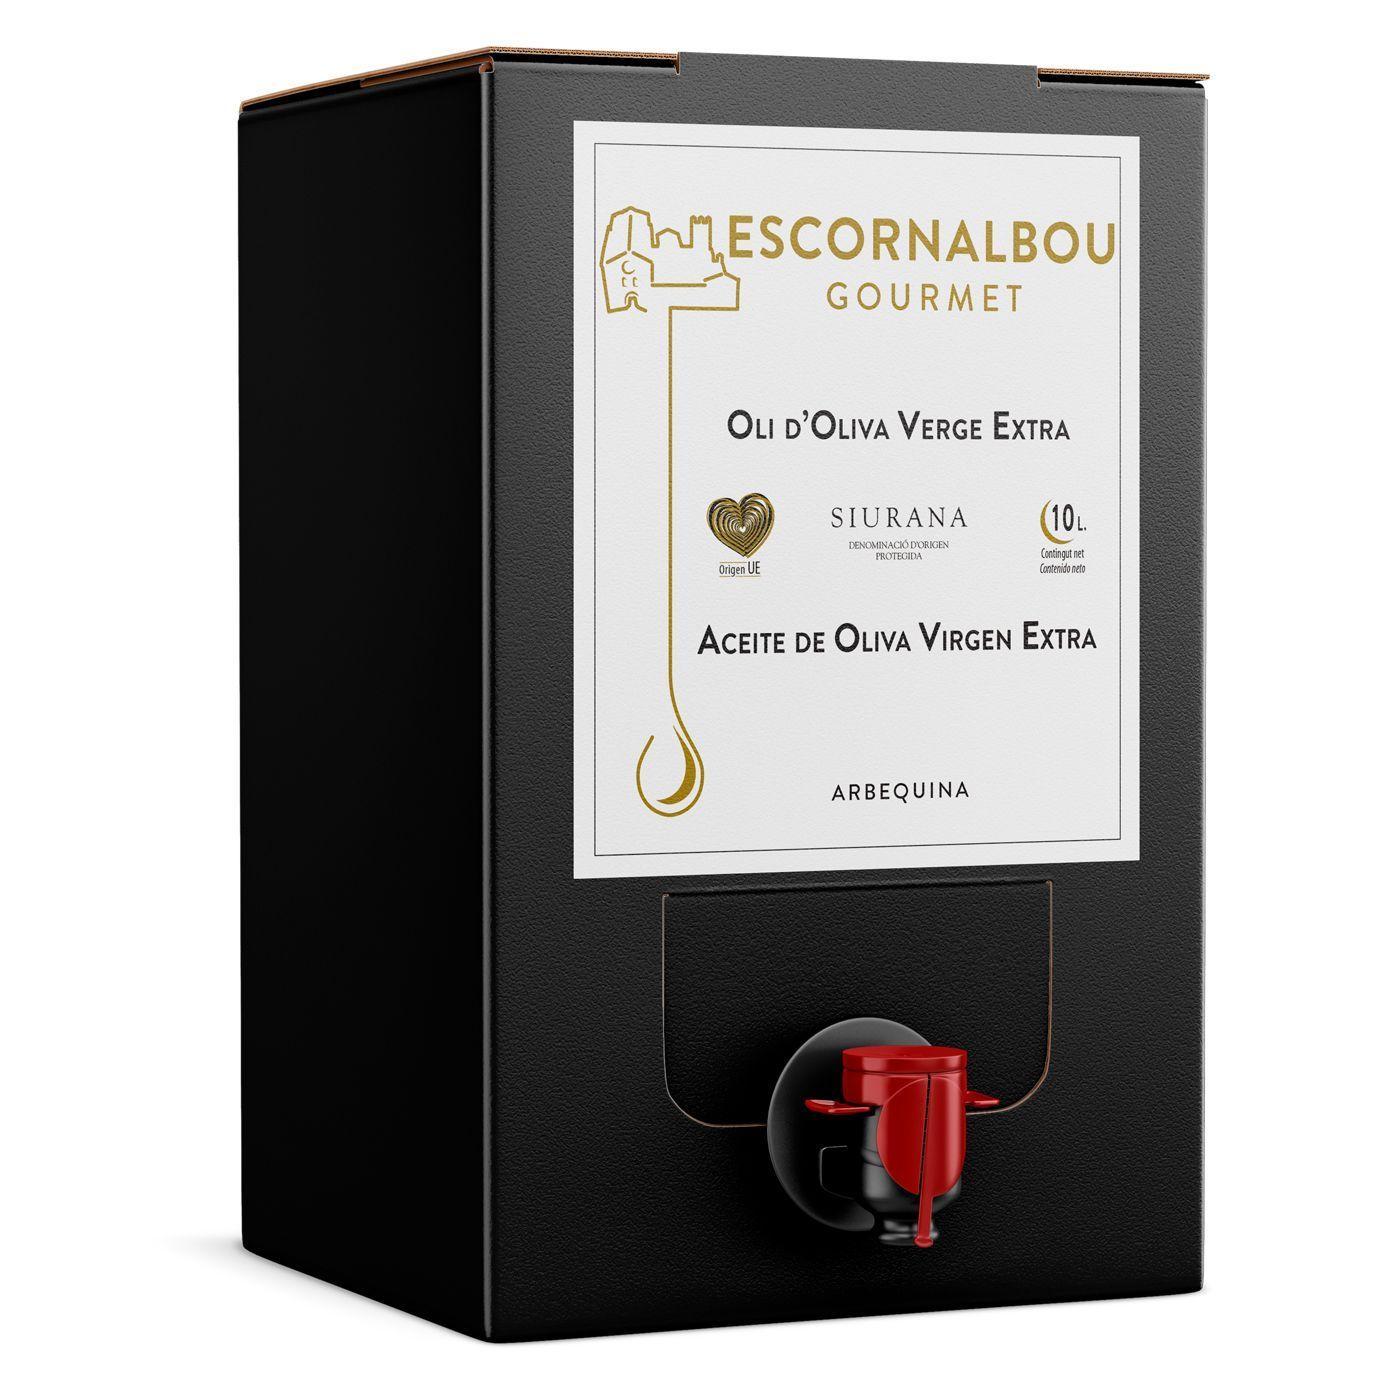 Comprar 10L Aceite De Oliva Virgen Extra 100% Arbequina - Bag In Box | Escornalbou Gourmet - Conserva tu AOVE en óptimas condiciones con el envase Bag In Box. Como si lo abrieras por primera vez cada vez que lo usas.